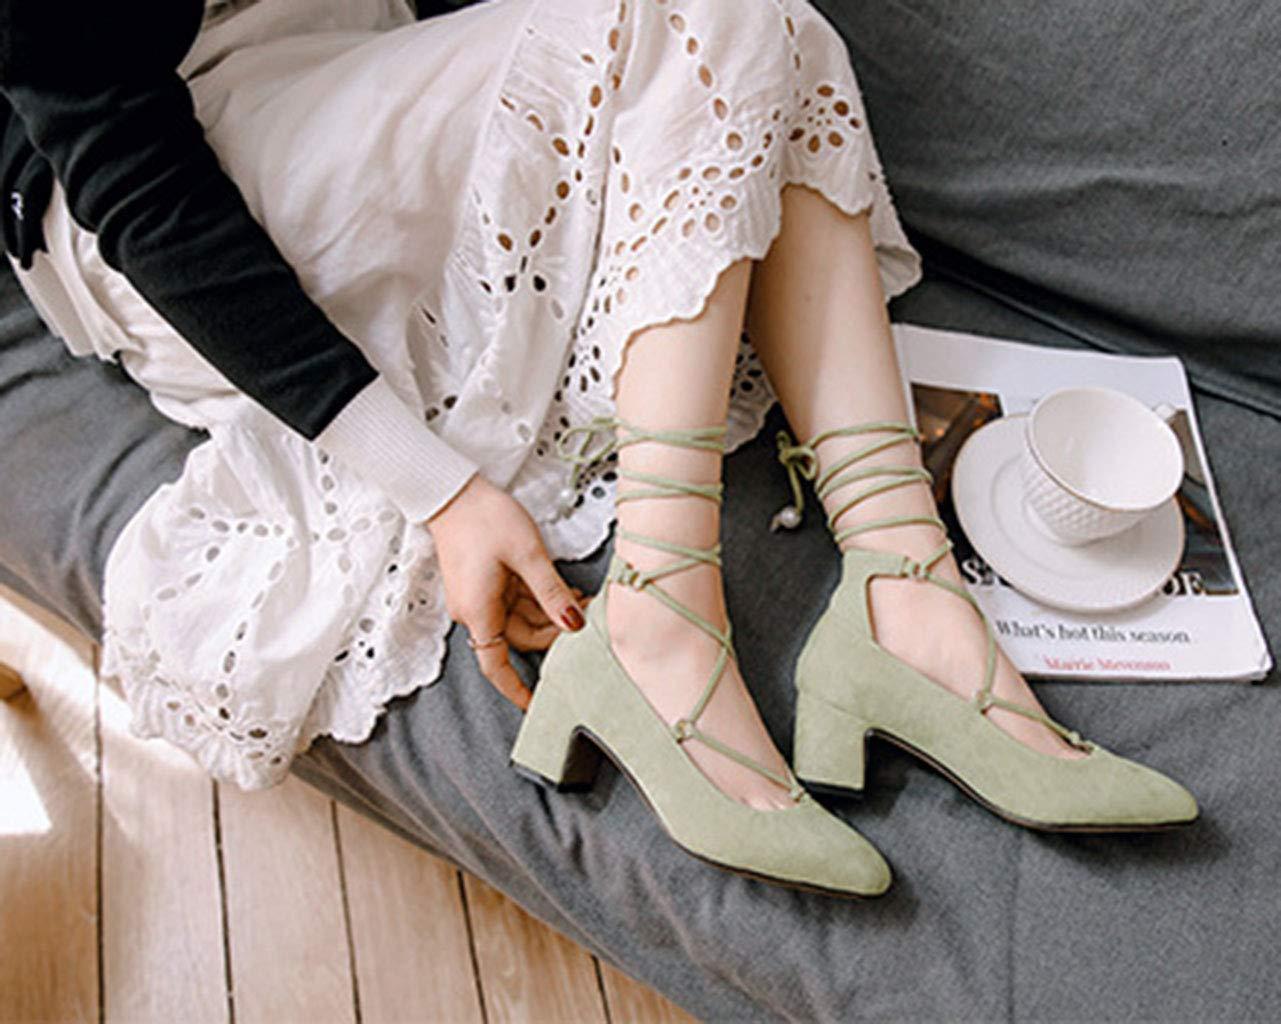 Frauen Schuhe Wildleder quadratischen Kopf flachen Mund High Heels Damenschuhe Damenschuhe Damenschuhe dick mit großen Schuhen Schuhe Spitze Frühling neu Grün 43EU 30f5fa